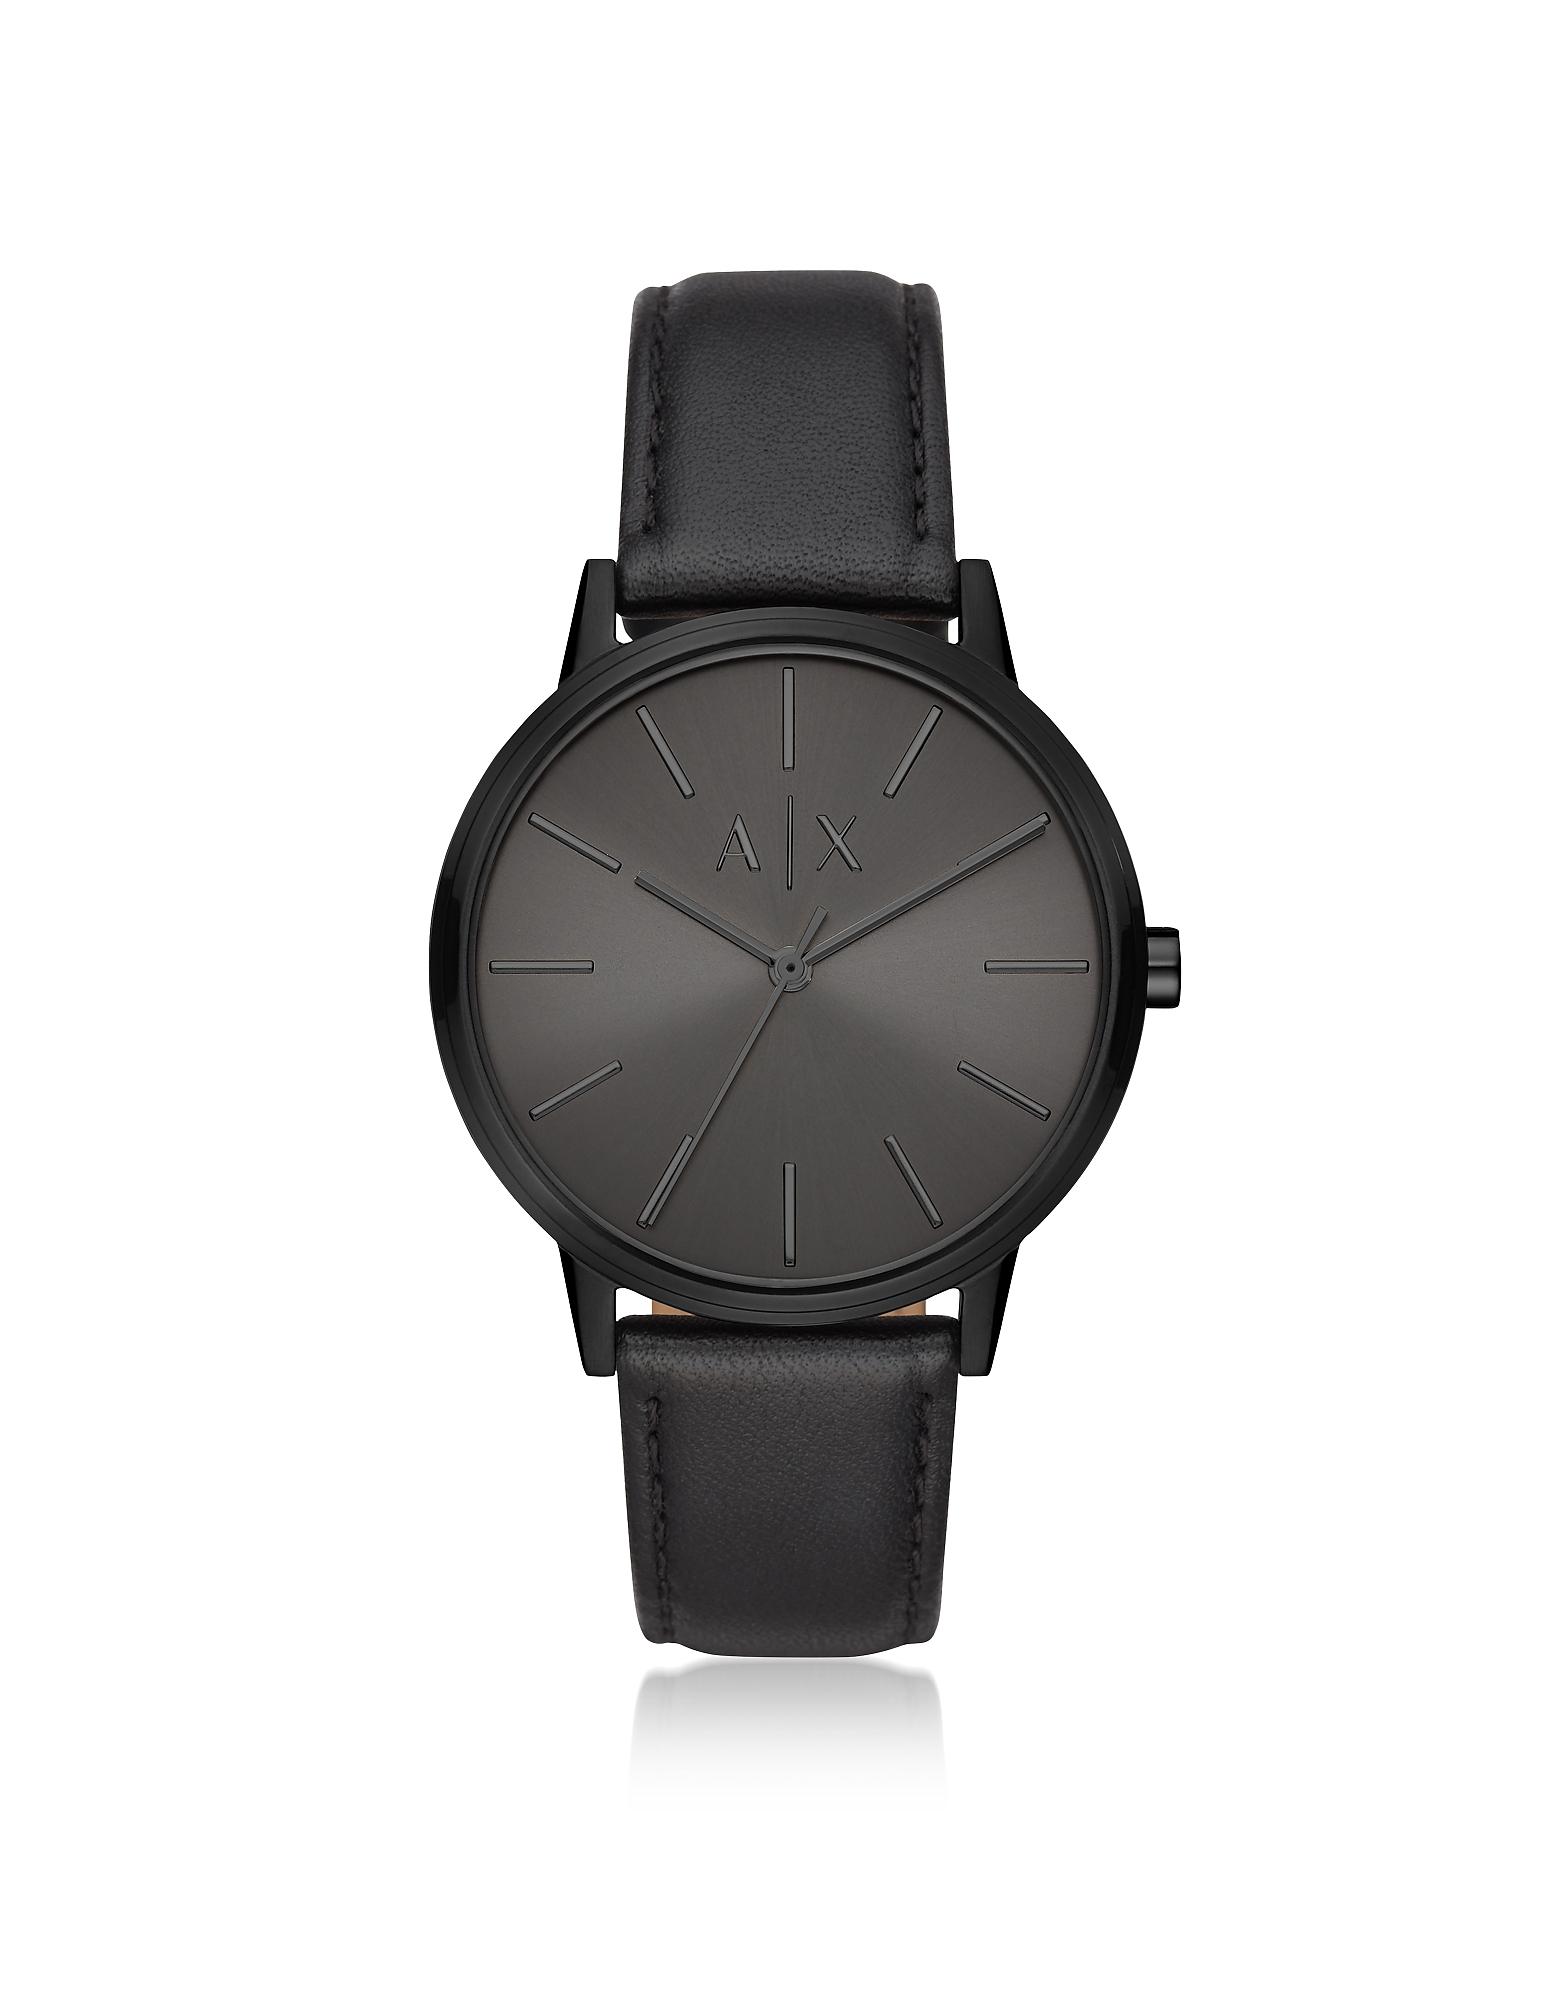 Emporio Armani Men's Watches, AX2705 Cayde Men's Watch